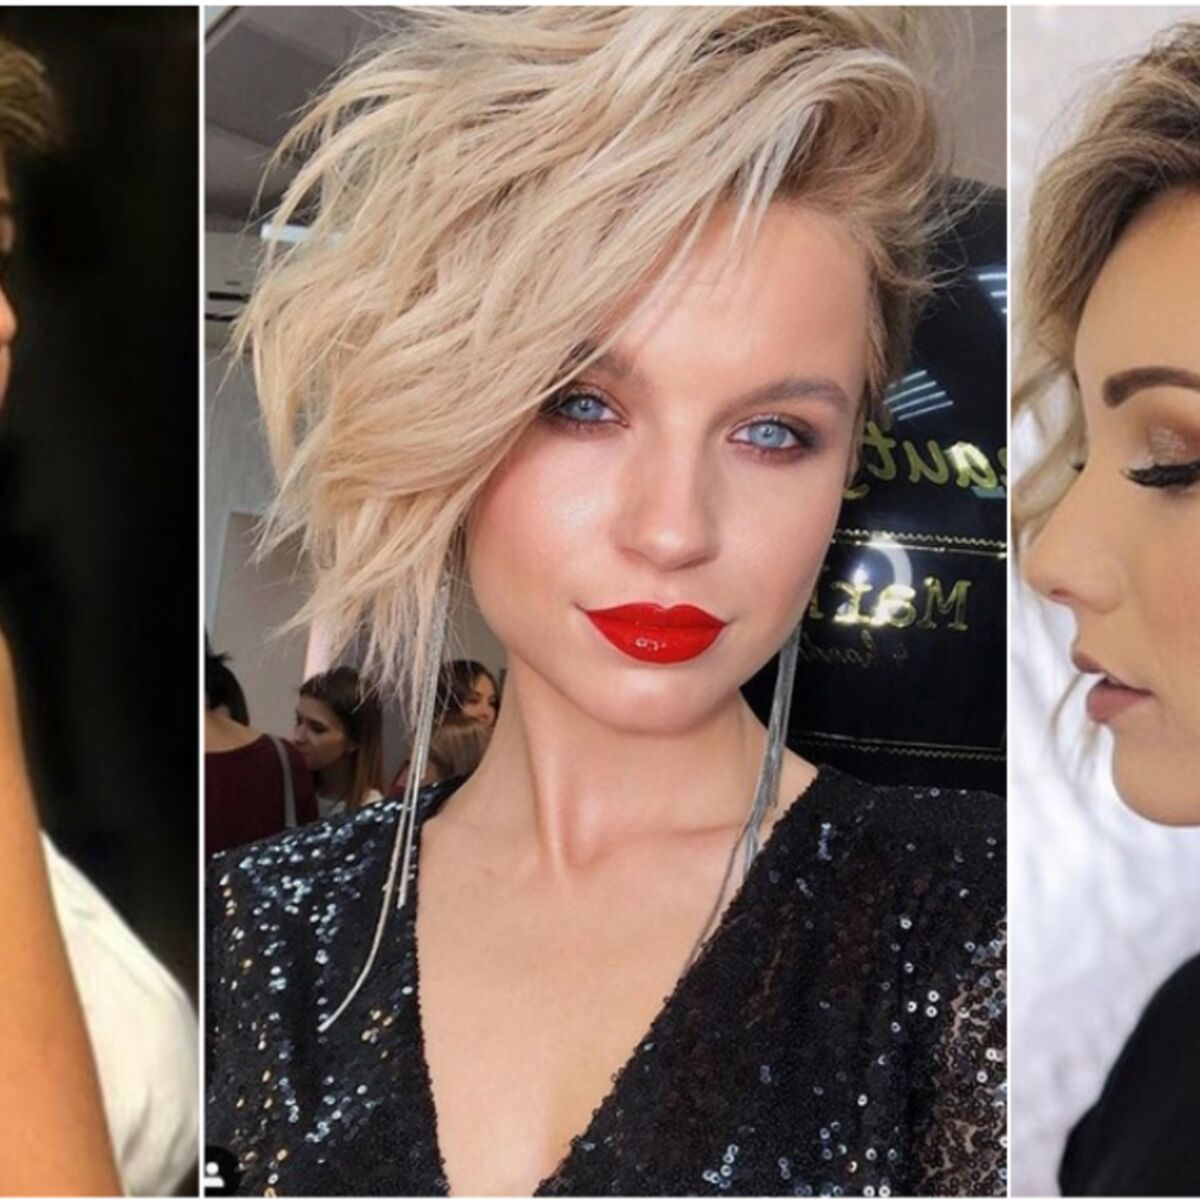 Mariage 2019 15 Idees De Coiffures Pour Cheveux Courts Femme Actuelle Le Mag